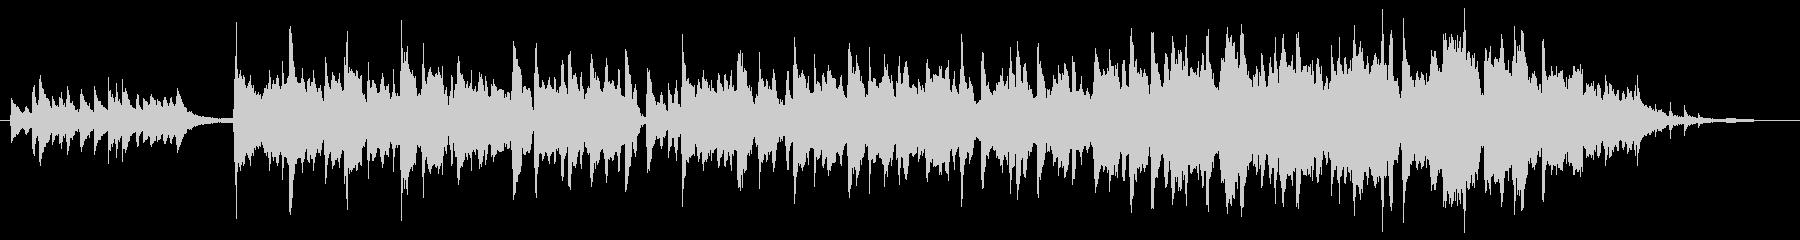 尺八、琴の優しいメロディーのジングルの未再生の波形